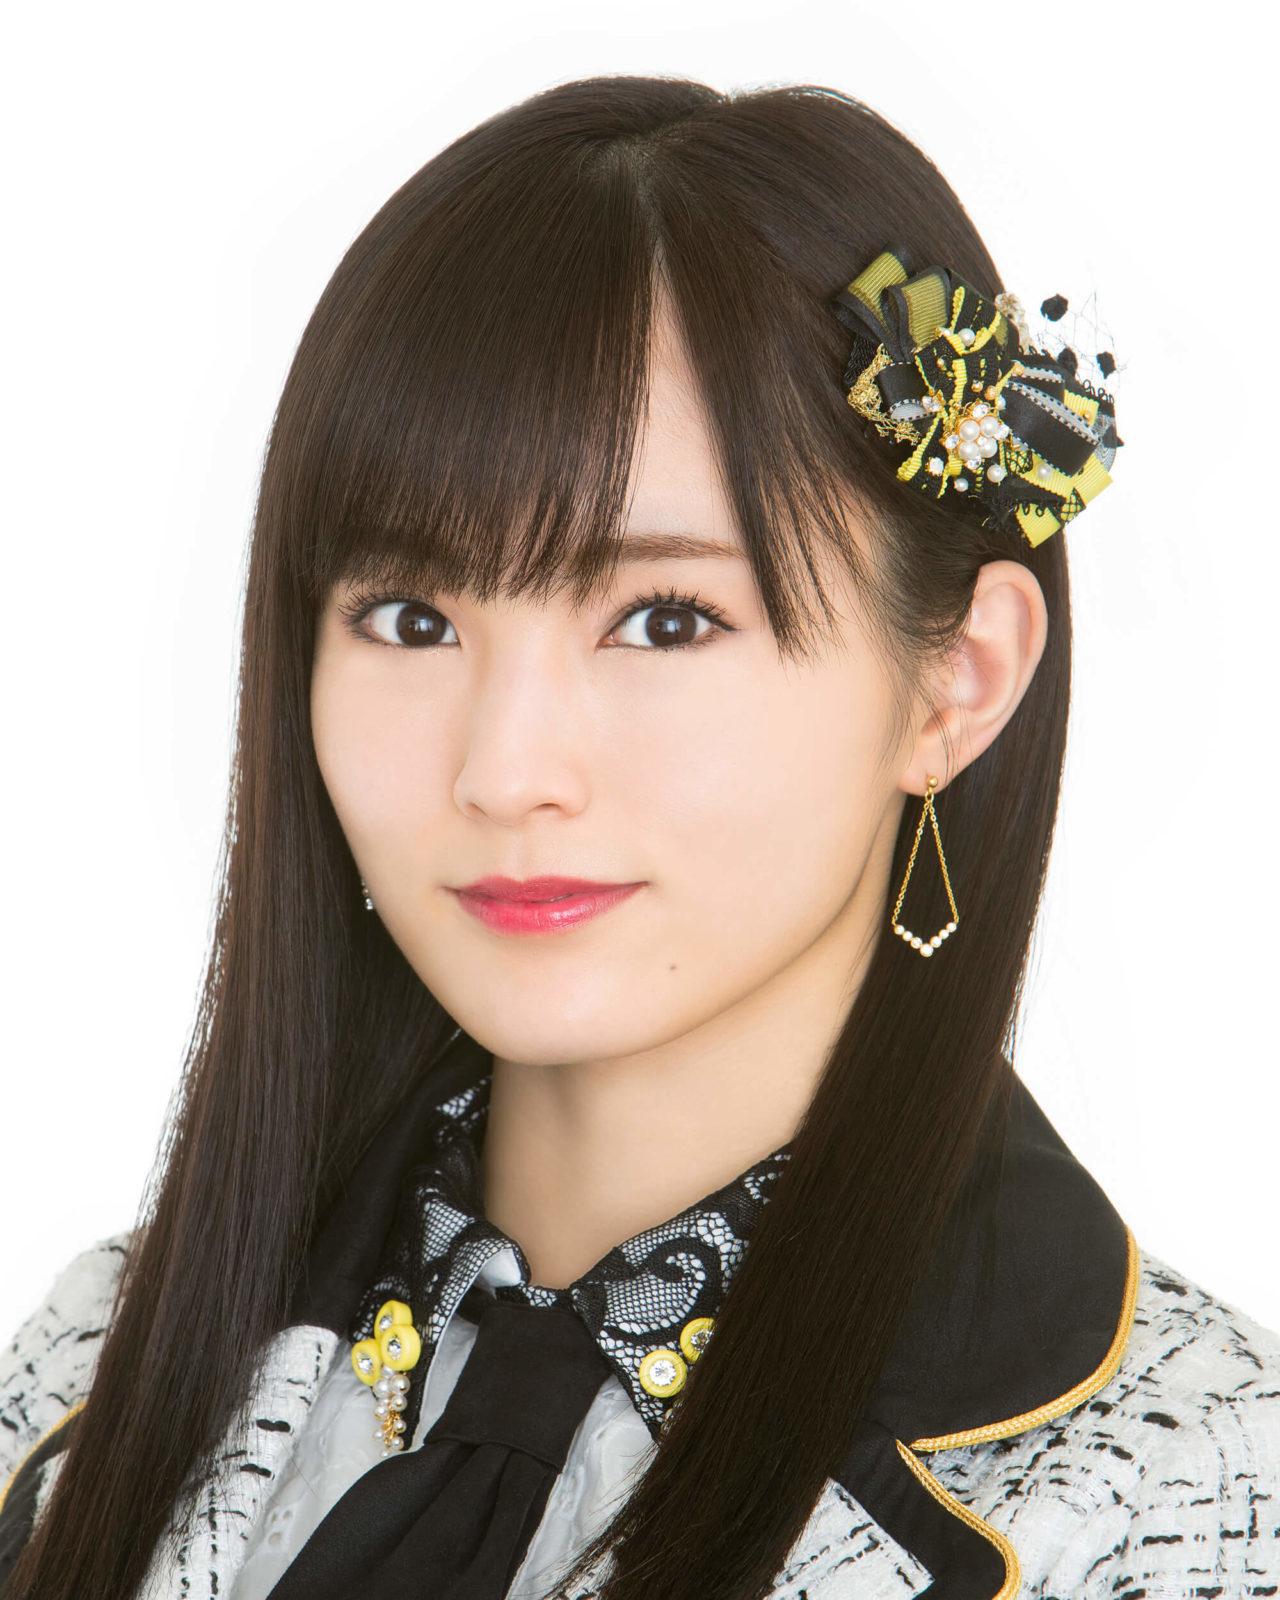 NMB48山本彩、卒業の決意は今年の5月ごろ「発表はいつしようかなくらい」サムネイル画像